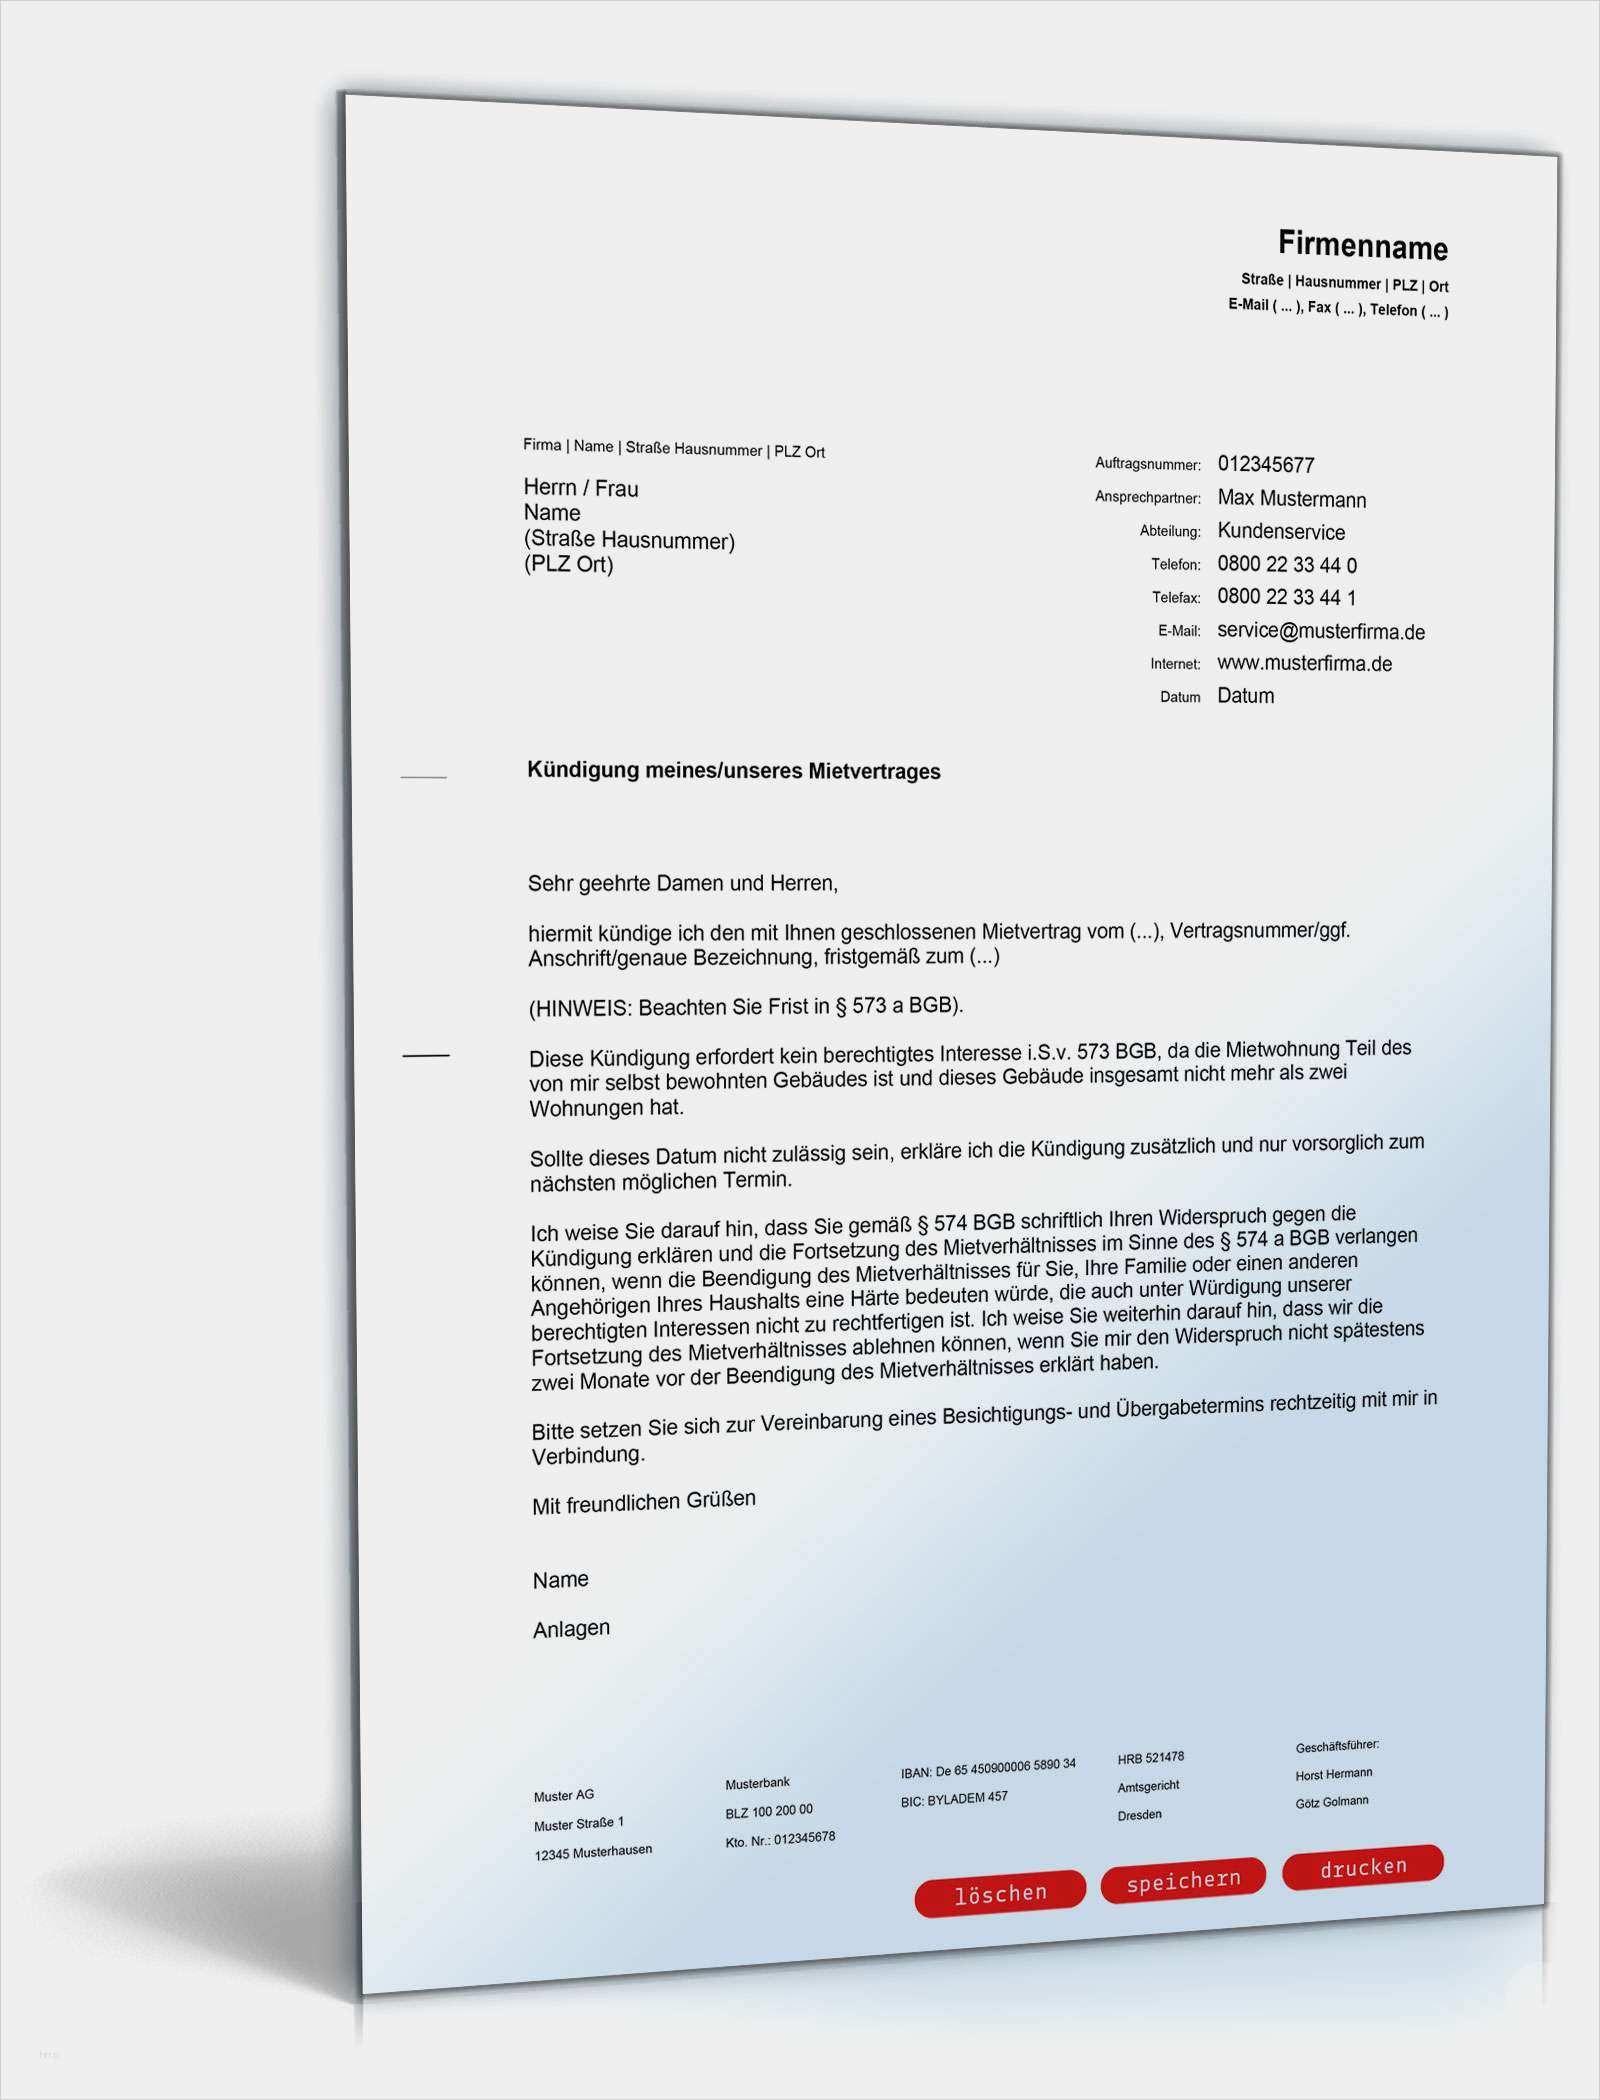 30 Wunderbar Kundigung Mietvertrag Wegen Eigenbedarf Vorlage Kostenlos Pdf Galerie In 2020 Vorlagen Word Vorlagen Lebenslauf Vorlagen Word